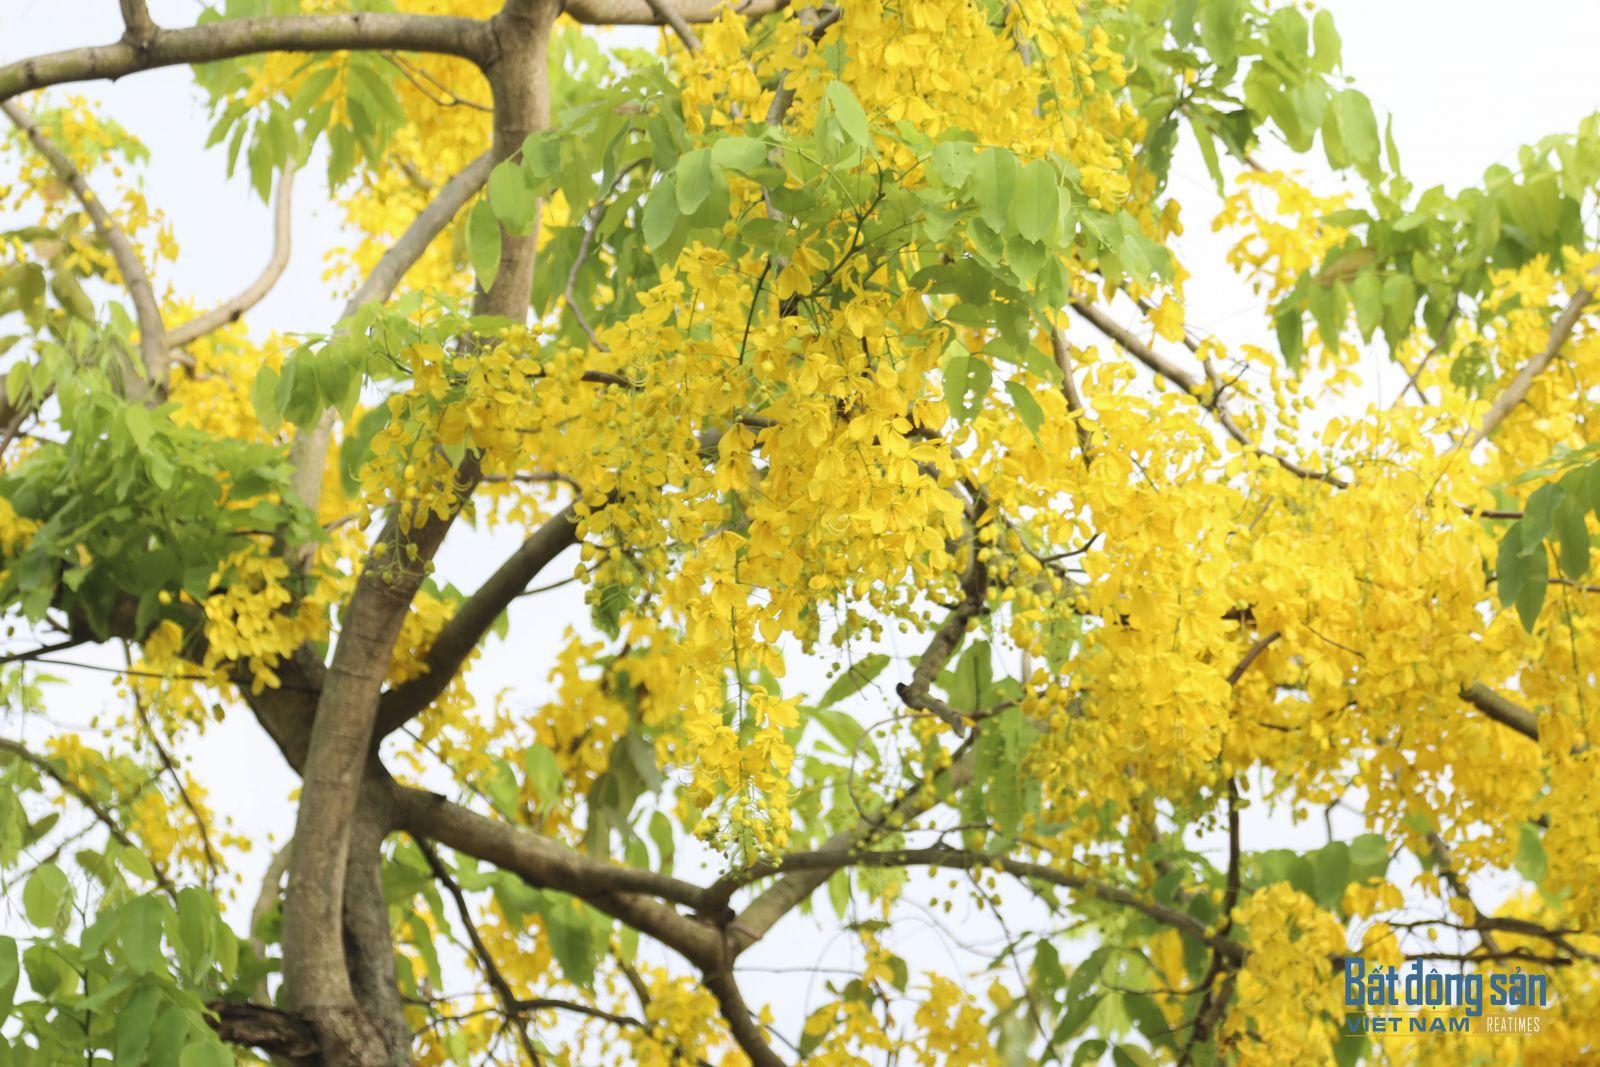 Rực vàng dưới bàu trời xanh ngắt, trong những tán lá xanh, sắc vàng tươi của hoa, xen giữa màu xanh non lá, tạo nên vẻ đẹp nhẹ nhàng của hoa Muồng hàng Yến.